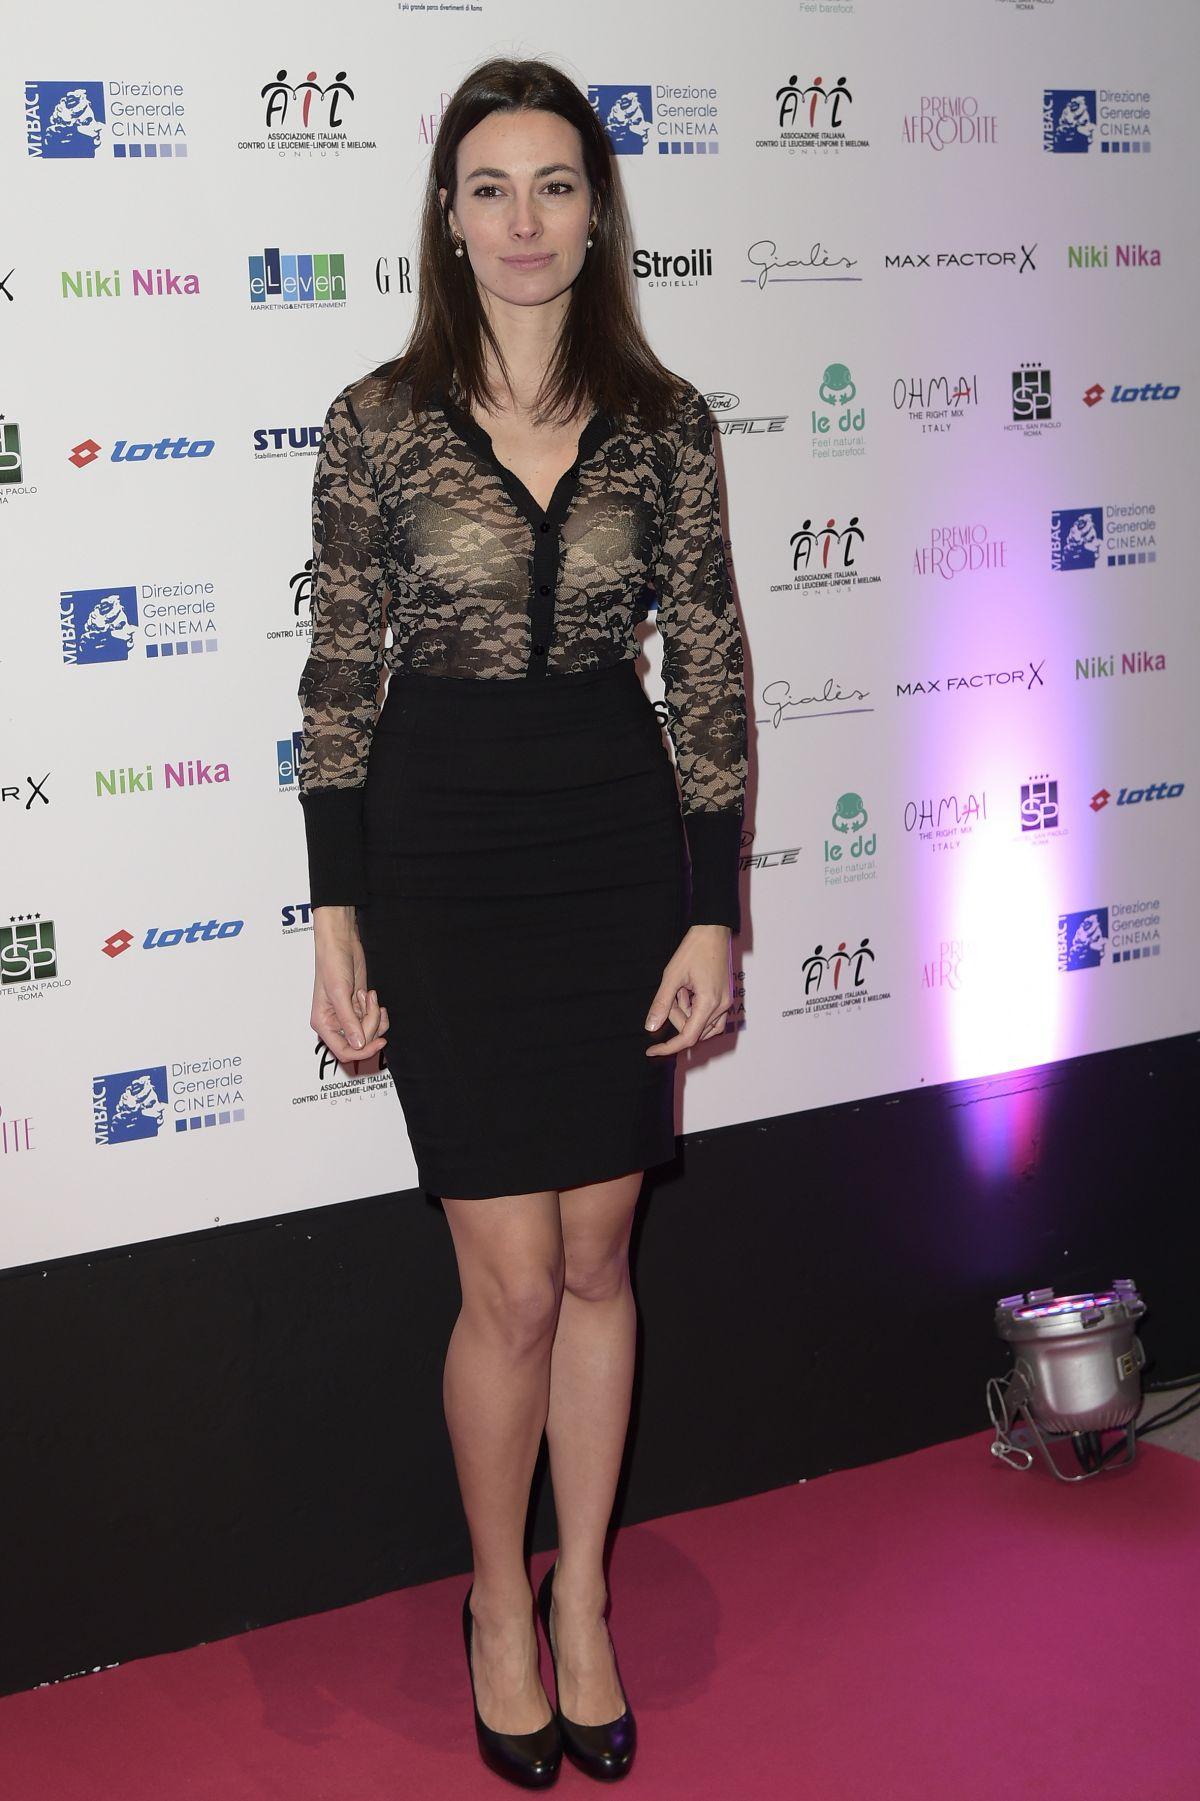 DANIELA VIRGILIO at Premio Afrodite in Rome 01/13/2016